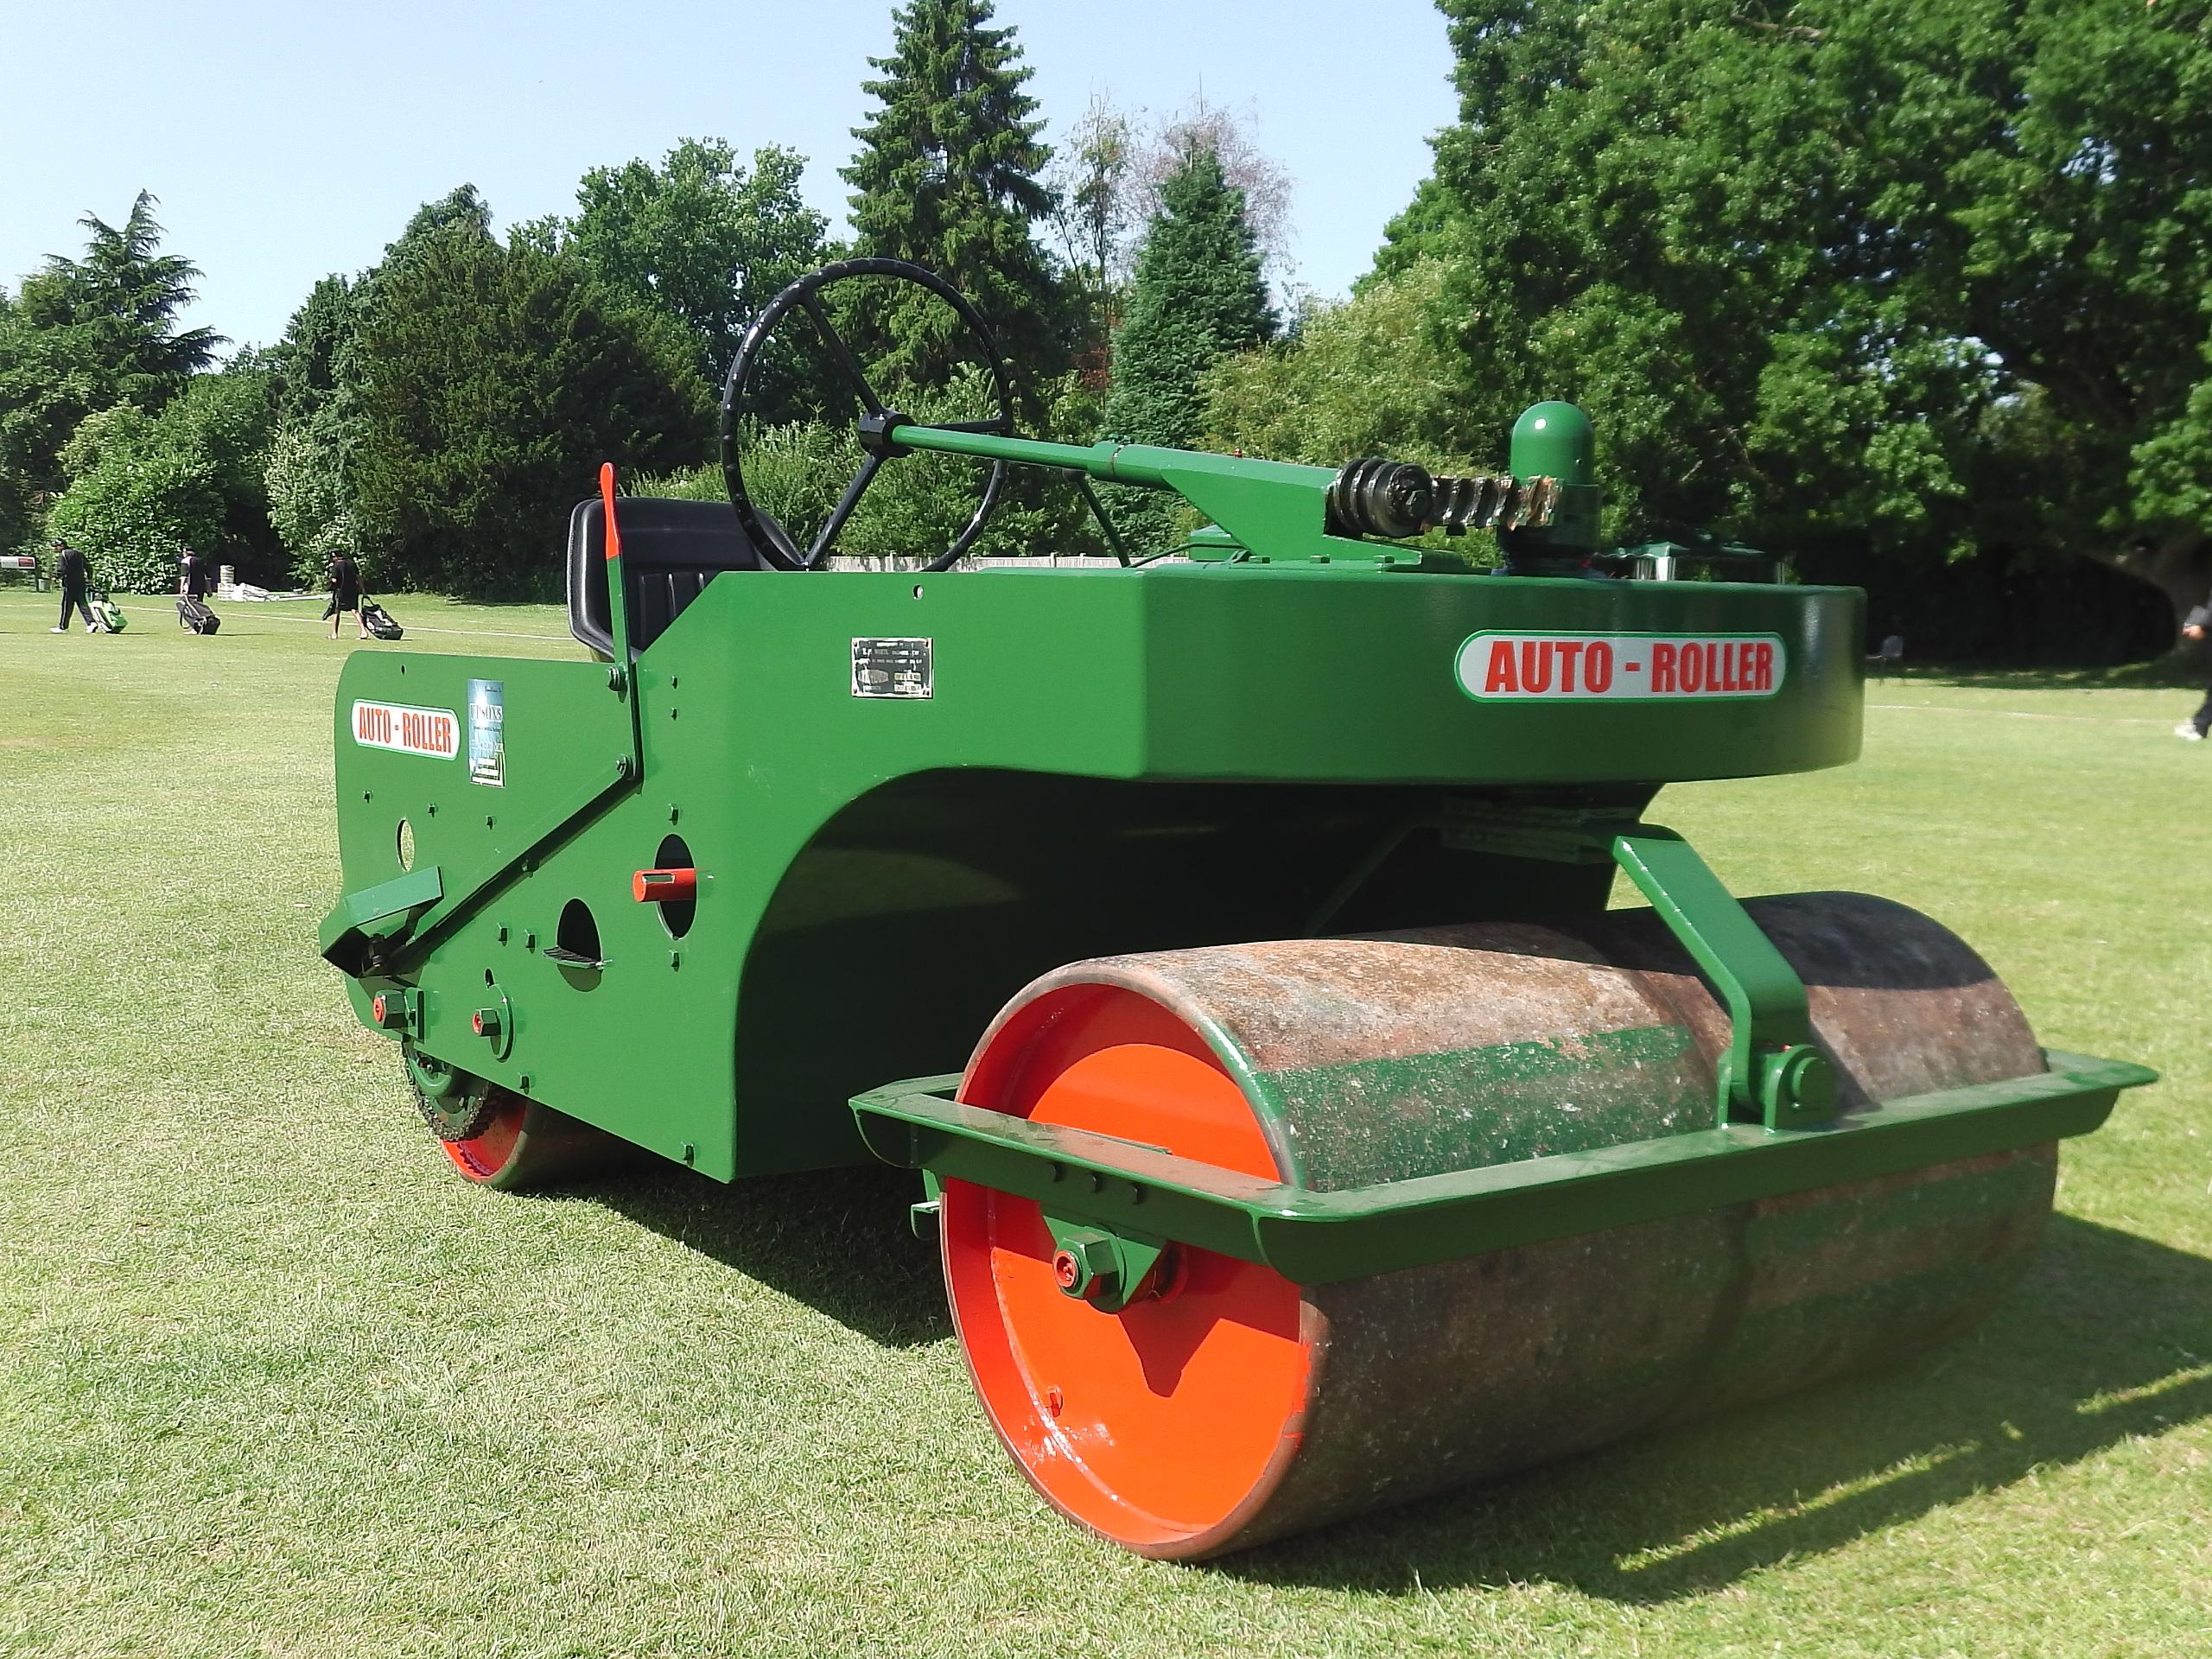 stothert-and-pitt-green-auto-roller